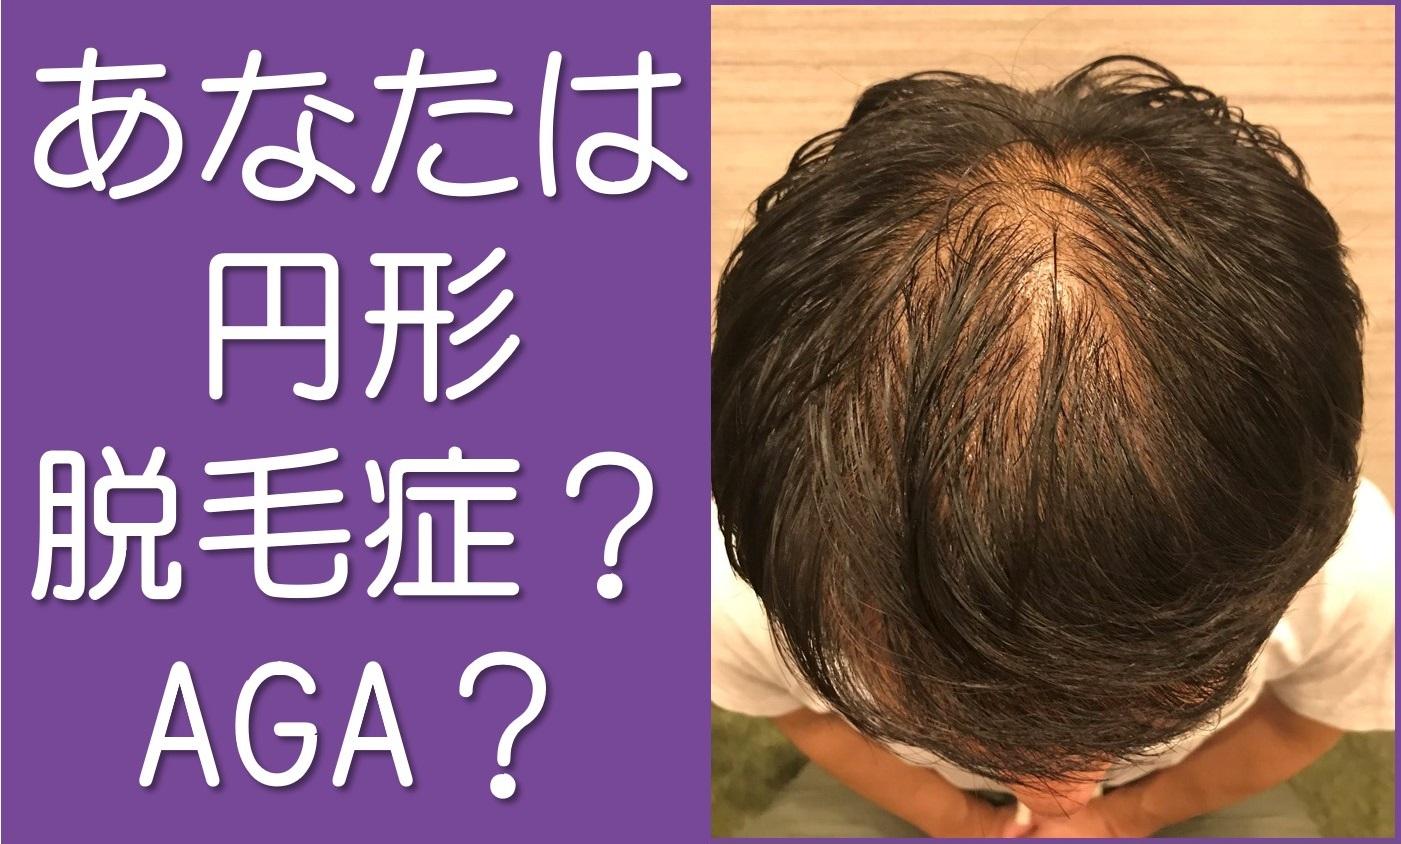 あなたは円形脱毛症?AGA?